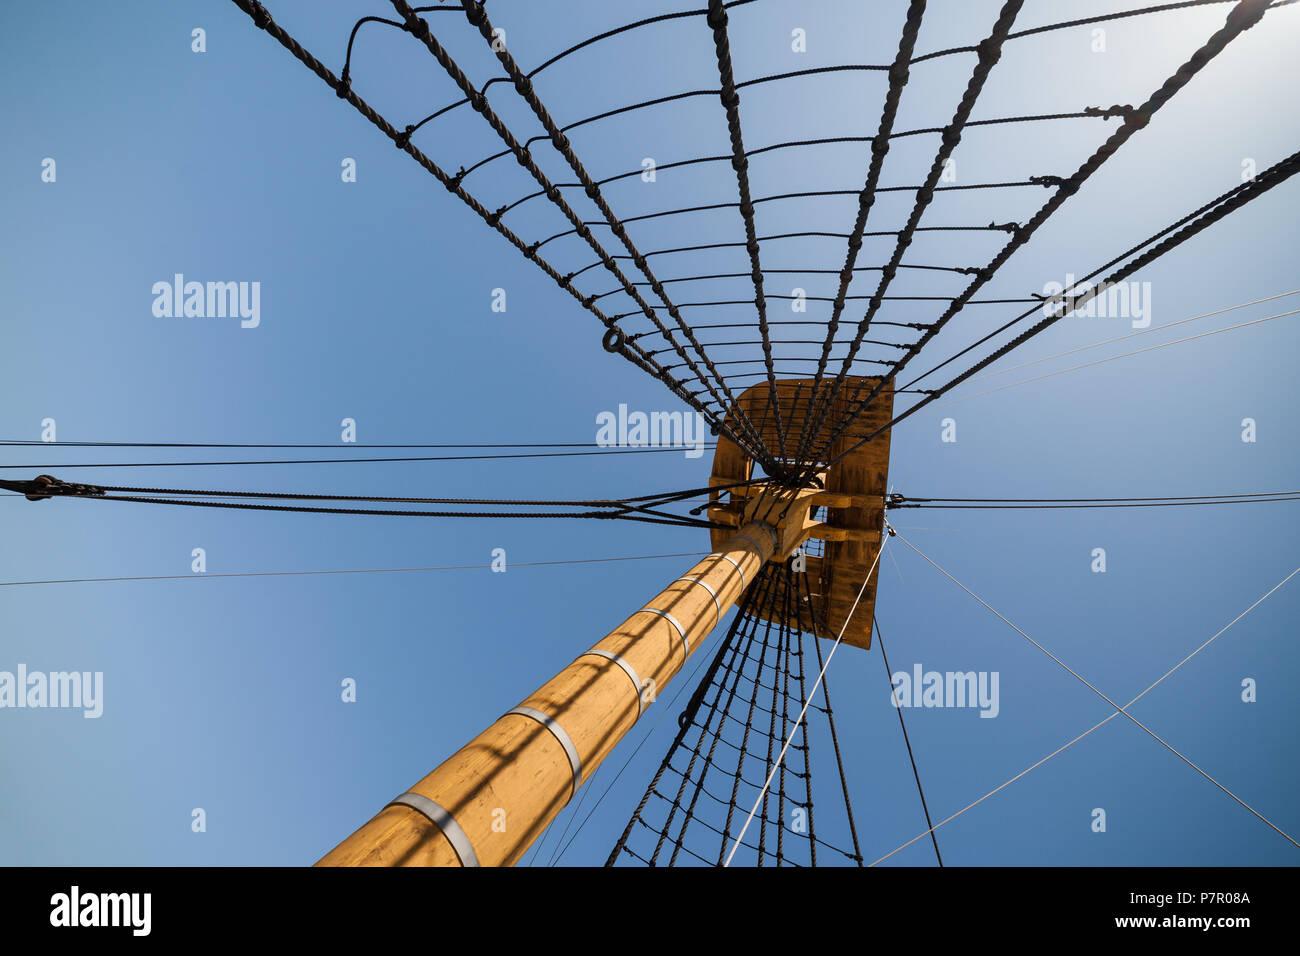 Sailing Mast Stock Photos & Sailing Mast Stock Images - Alamy